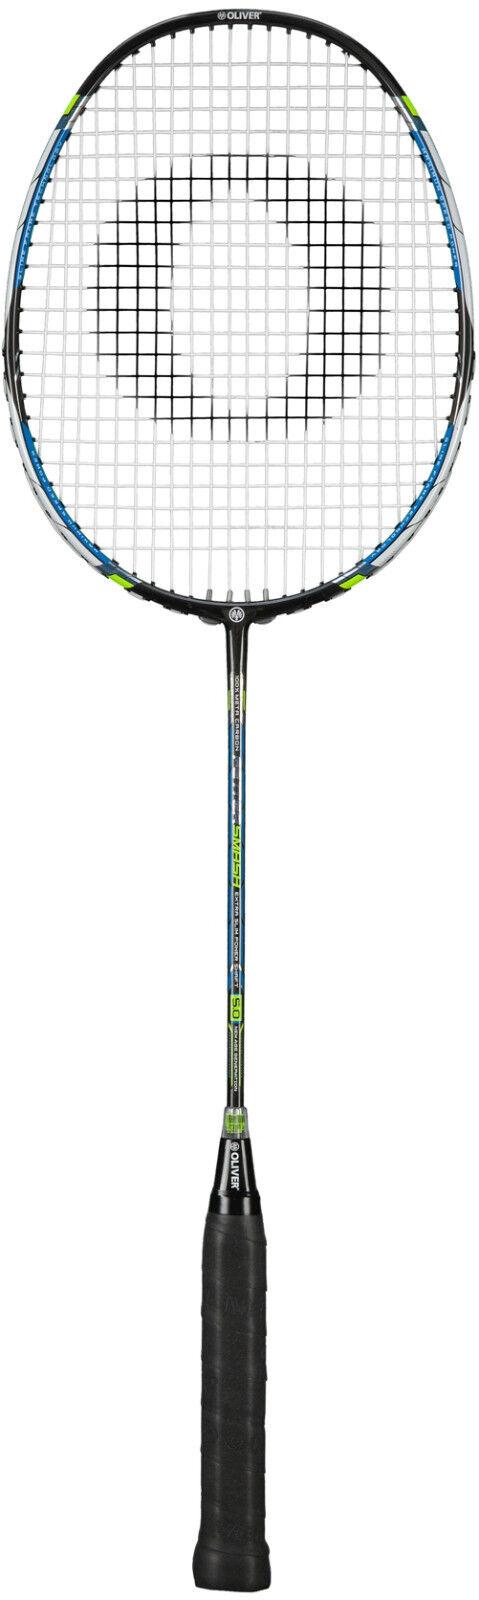 Badminton Racket Oliver Fetter Smash 5.0 mit Oliver Schlägerhülle u. 3 Overgrips